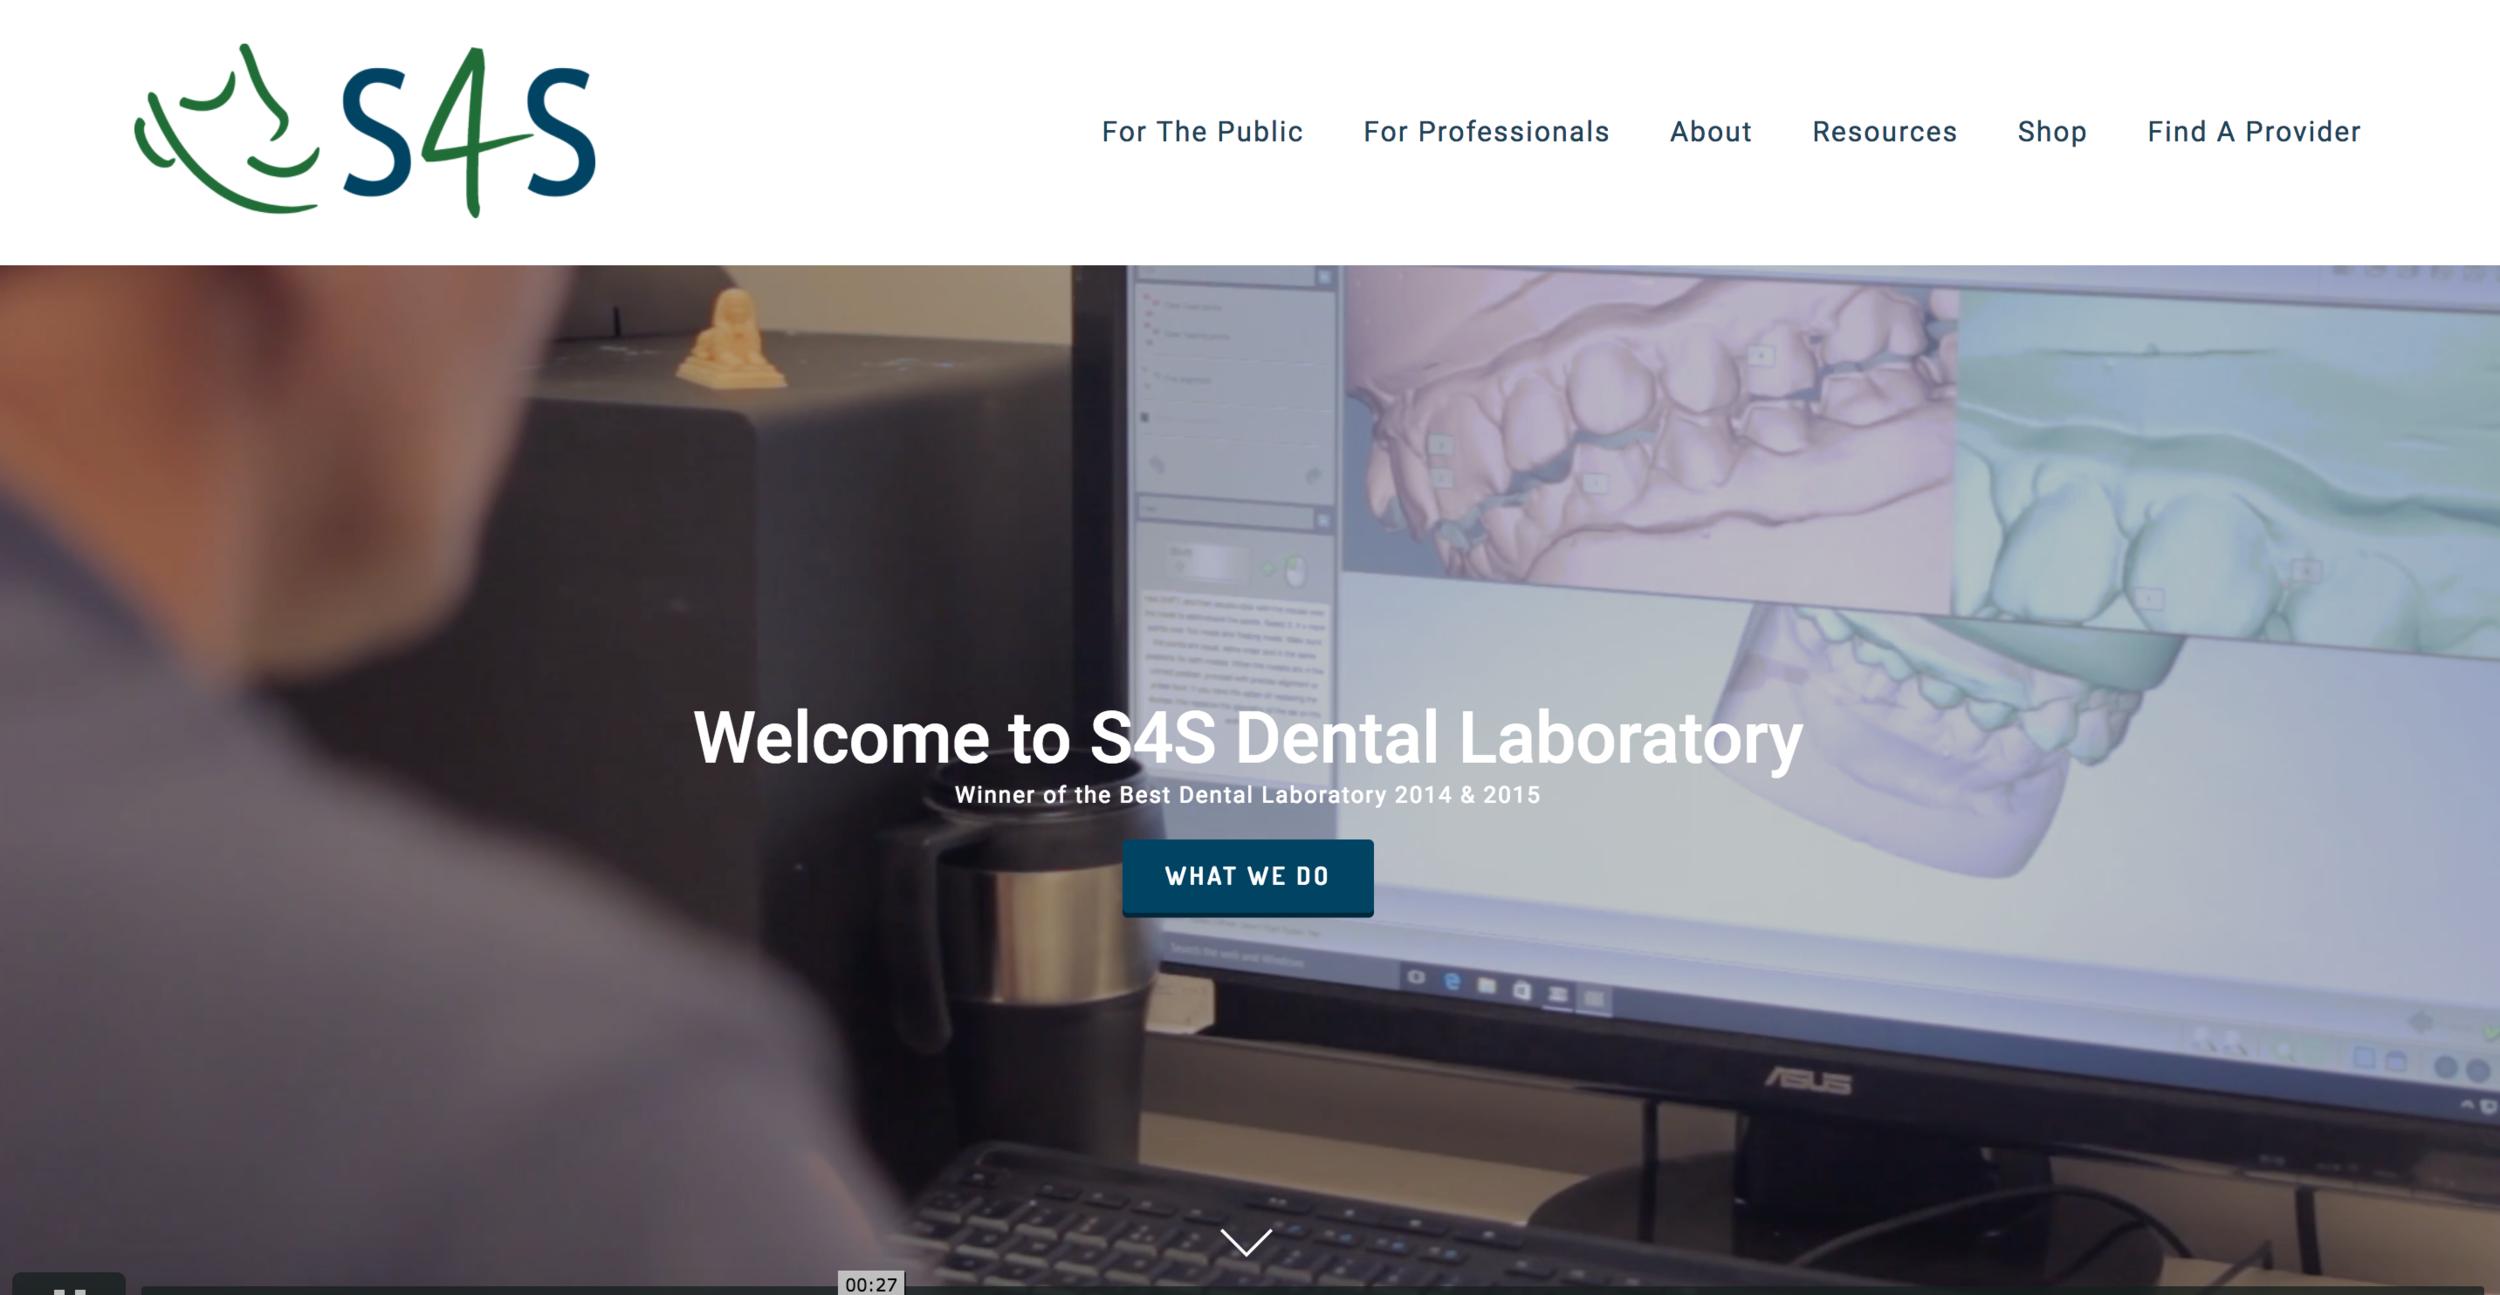 S4S Dental - www.s4sdental.com